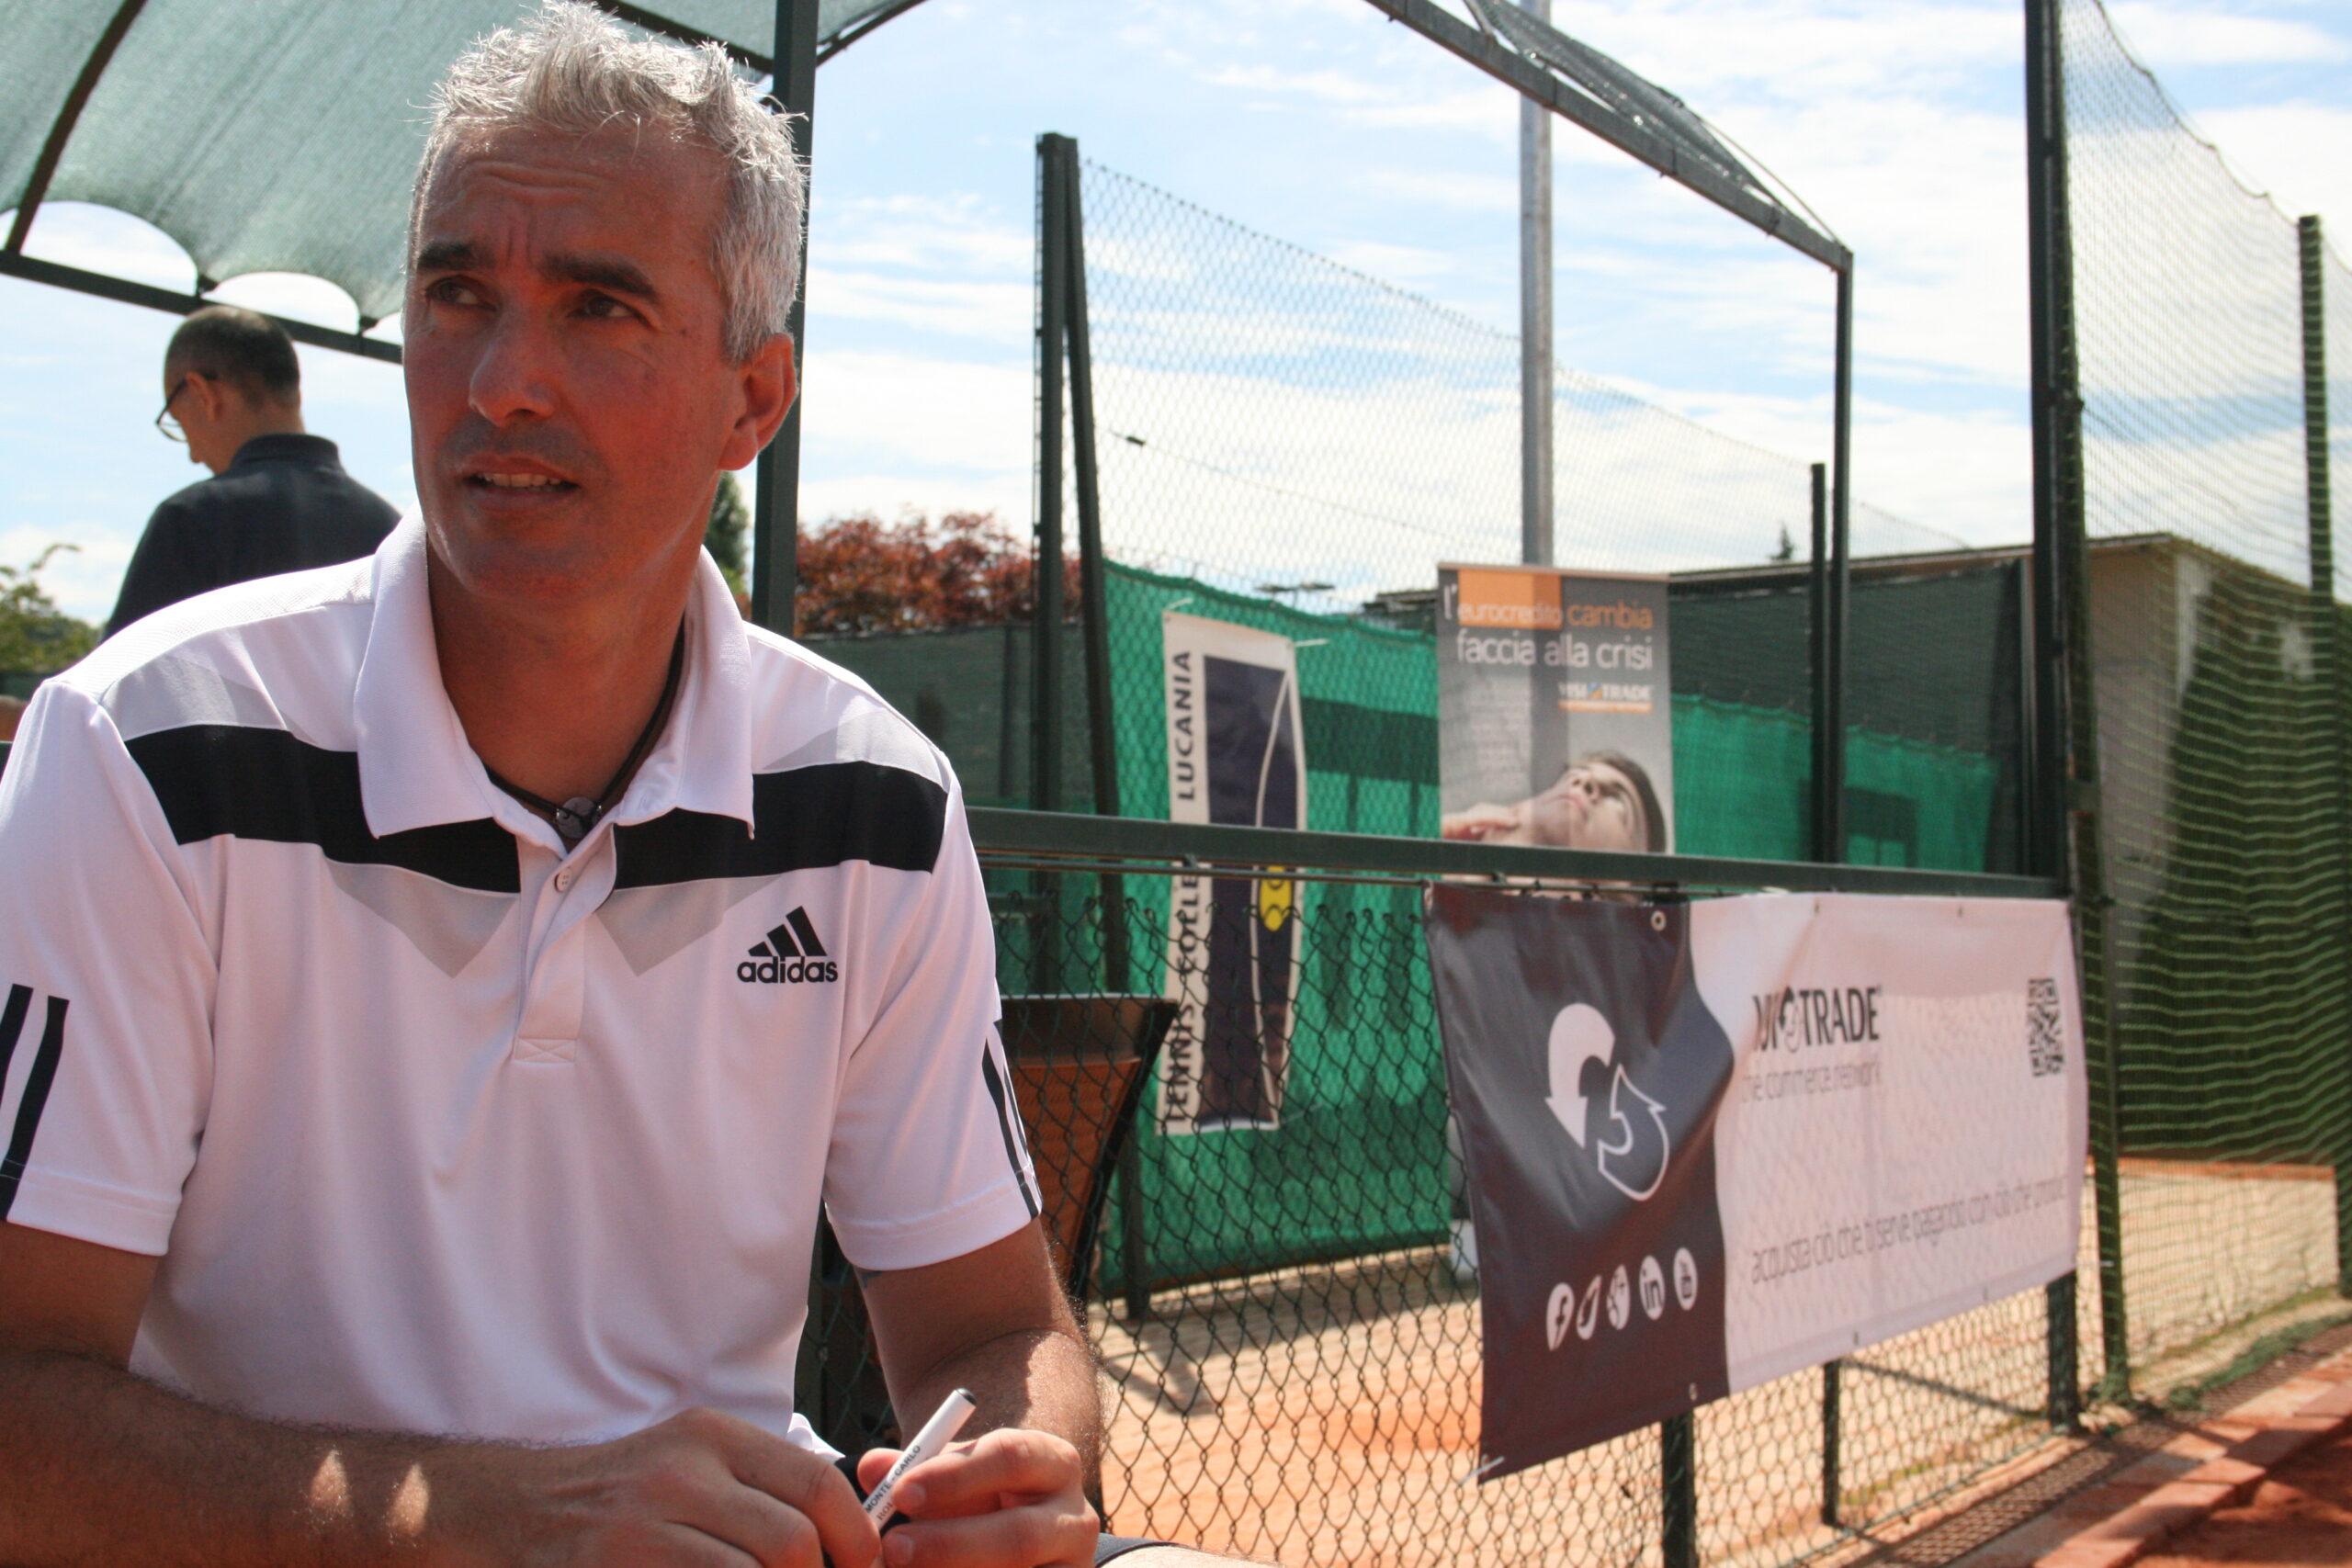 Davide Sanguinetti, ex numero 42 della classifica mondiale